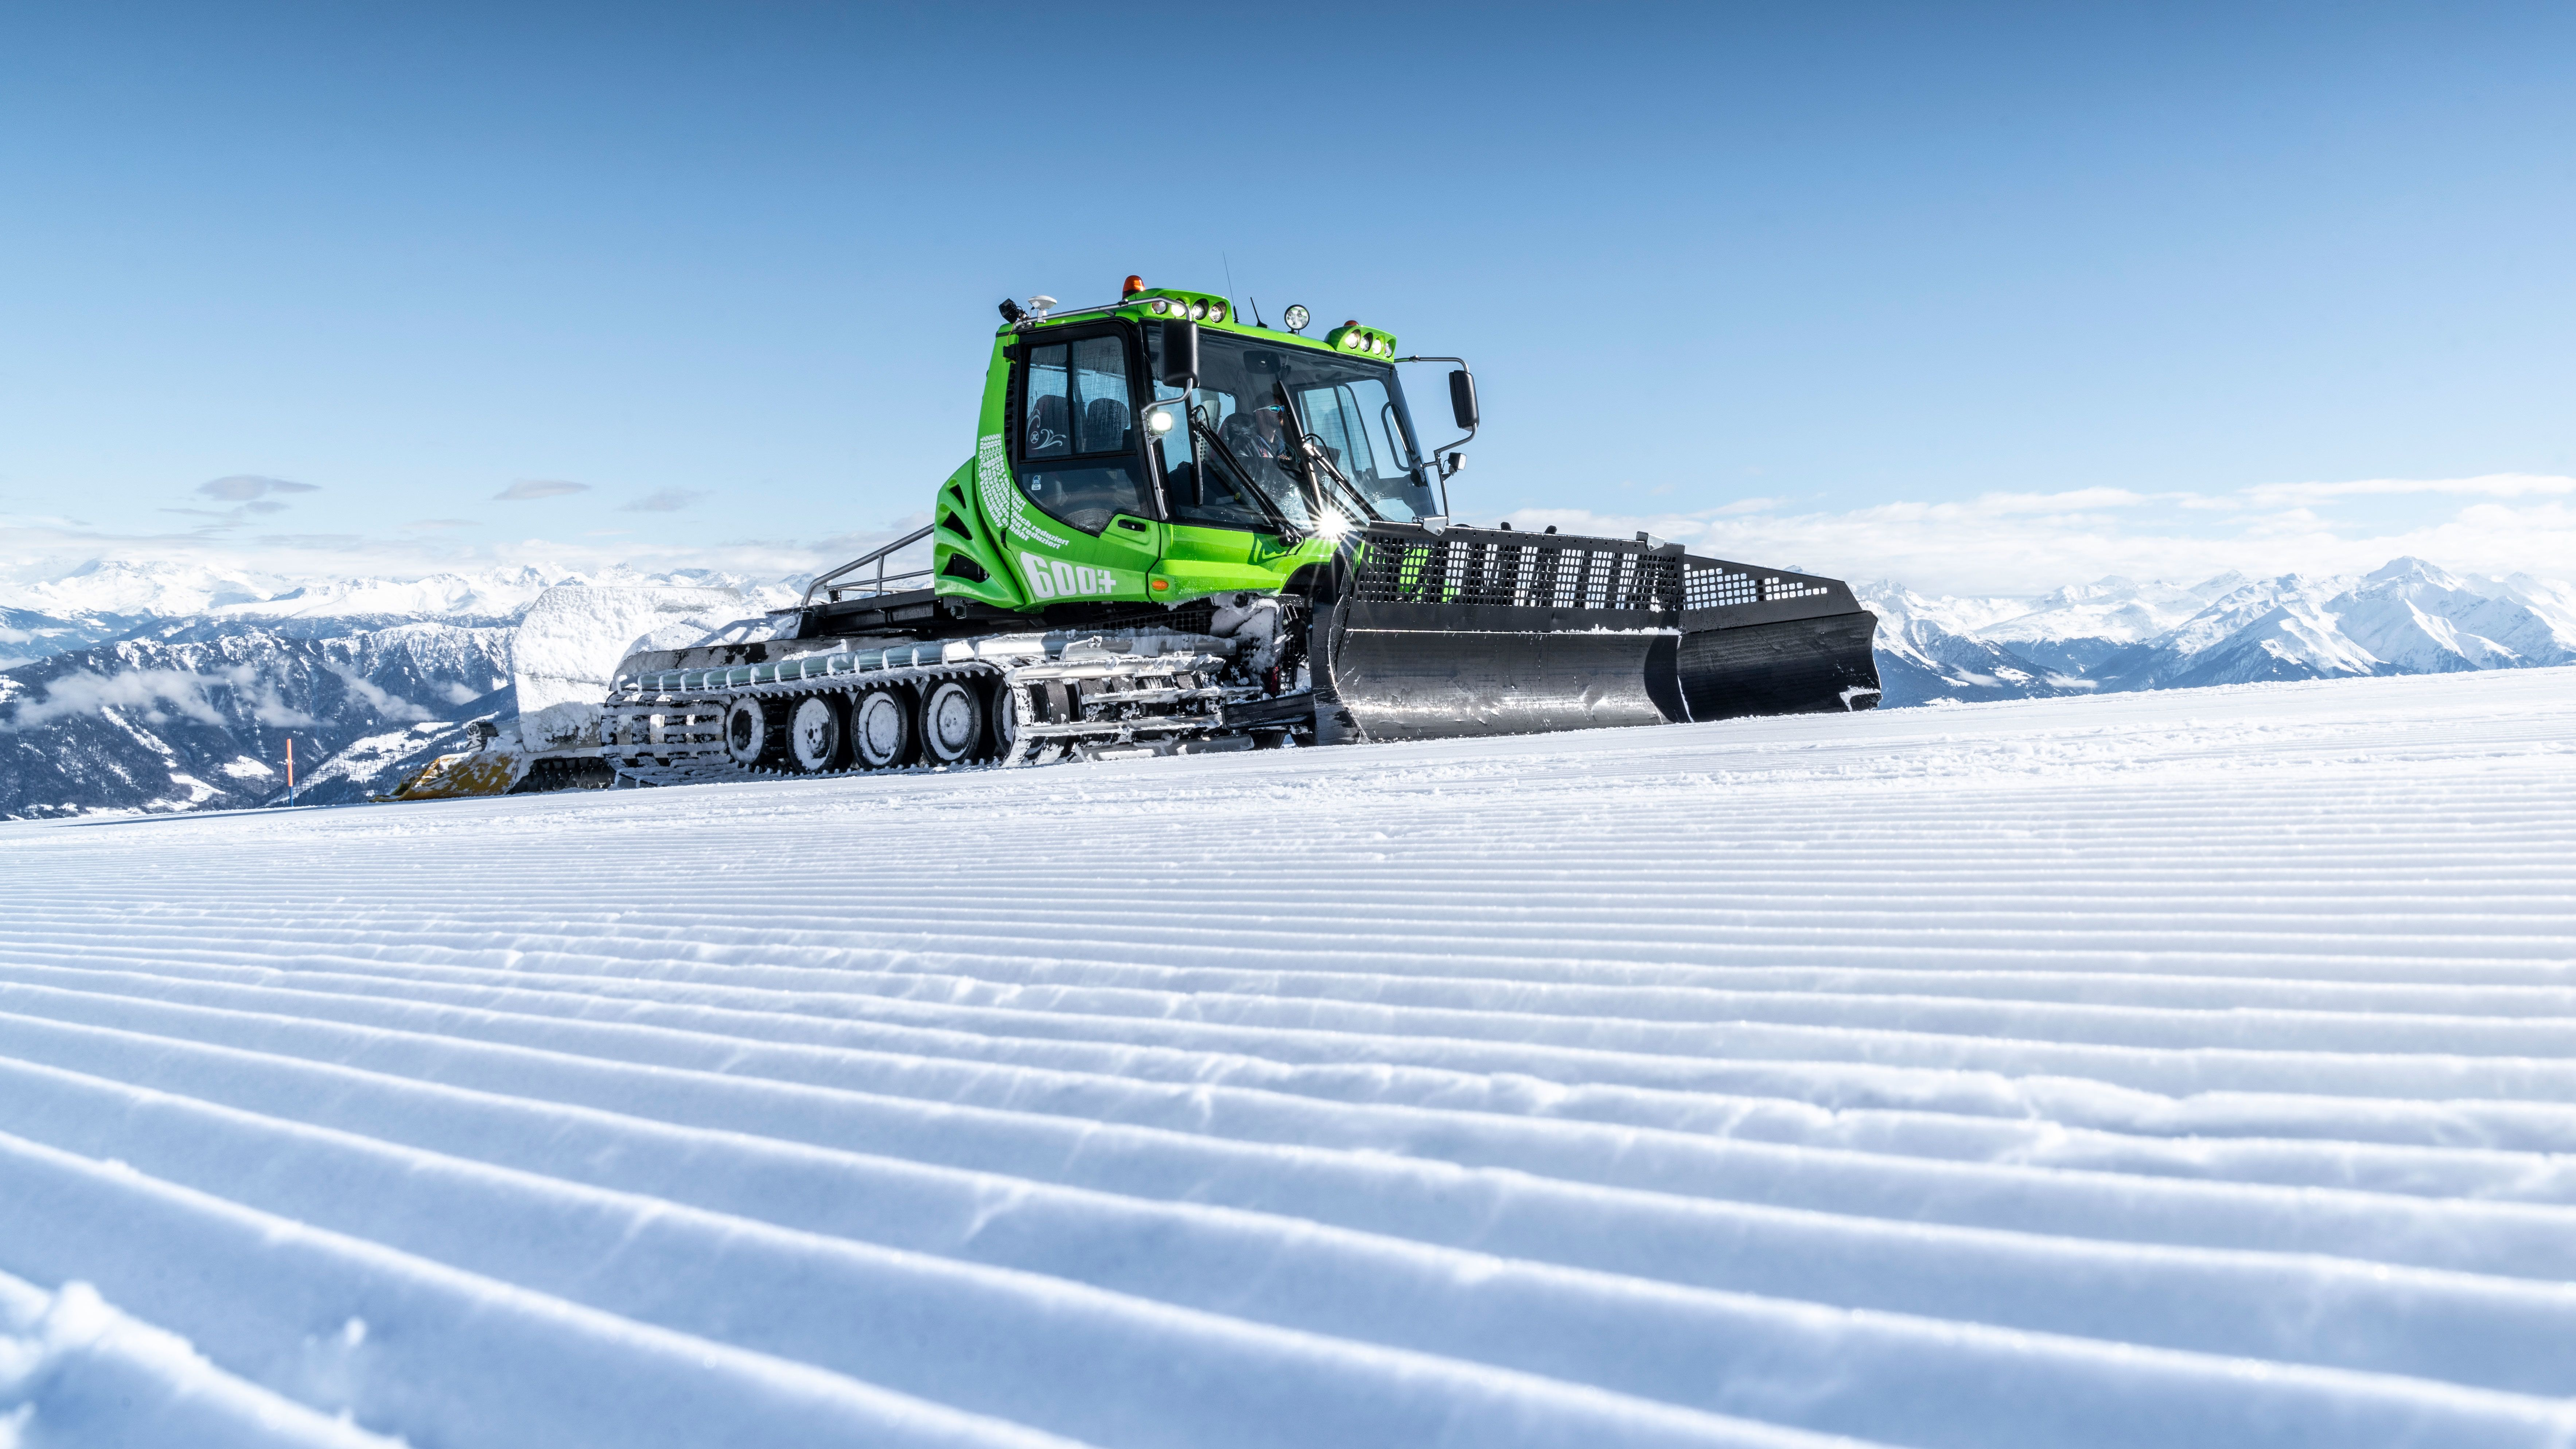 Duurzaam en groen wintersporten in LAAX